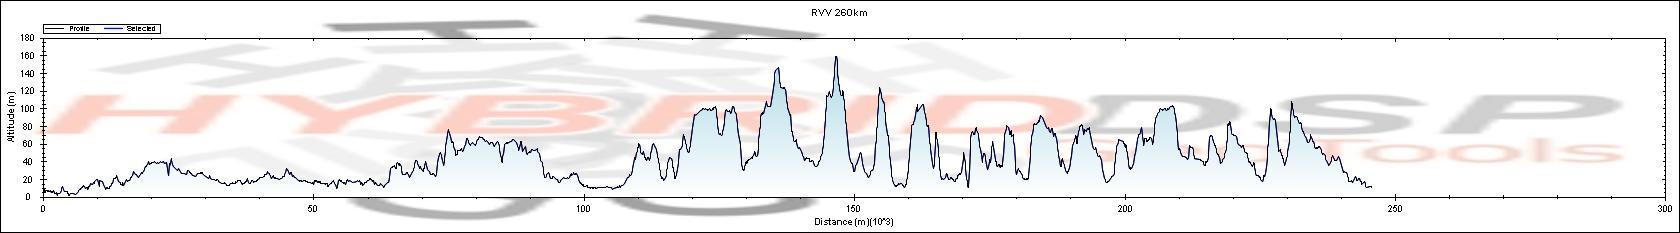 perfil Ronde van Vlaanderen 2011